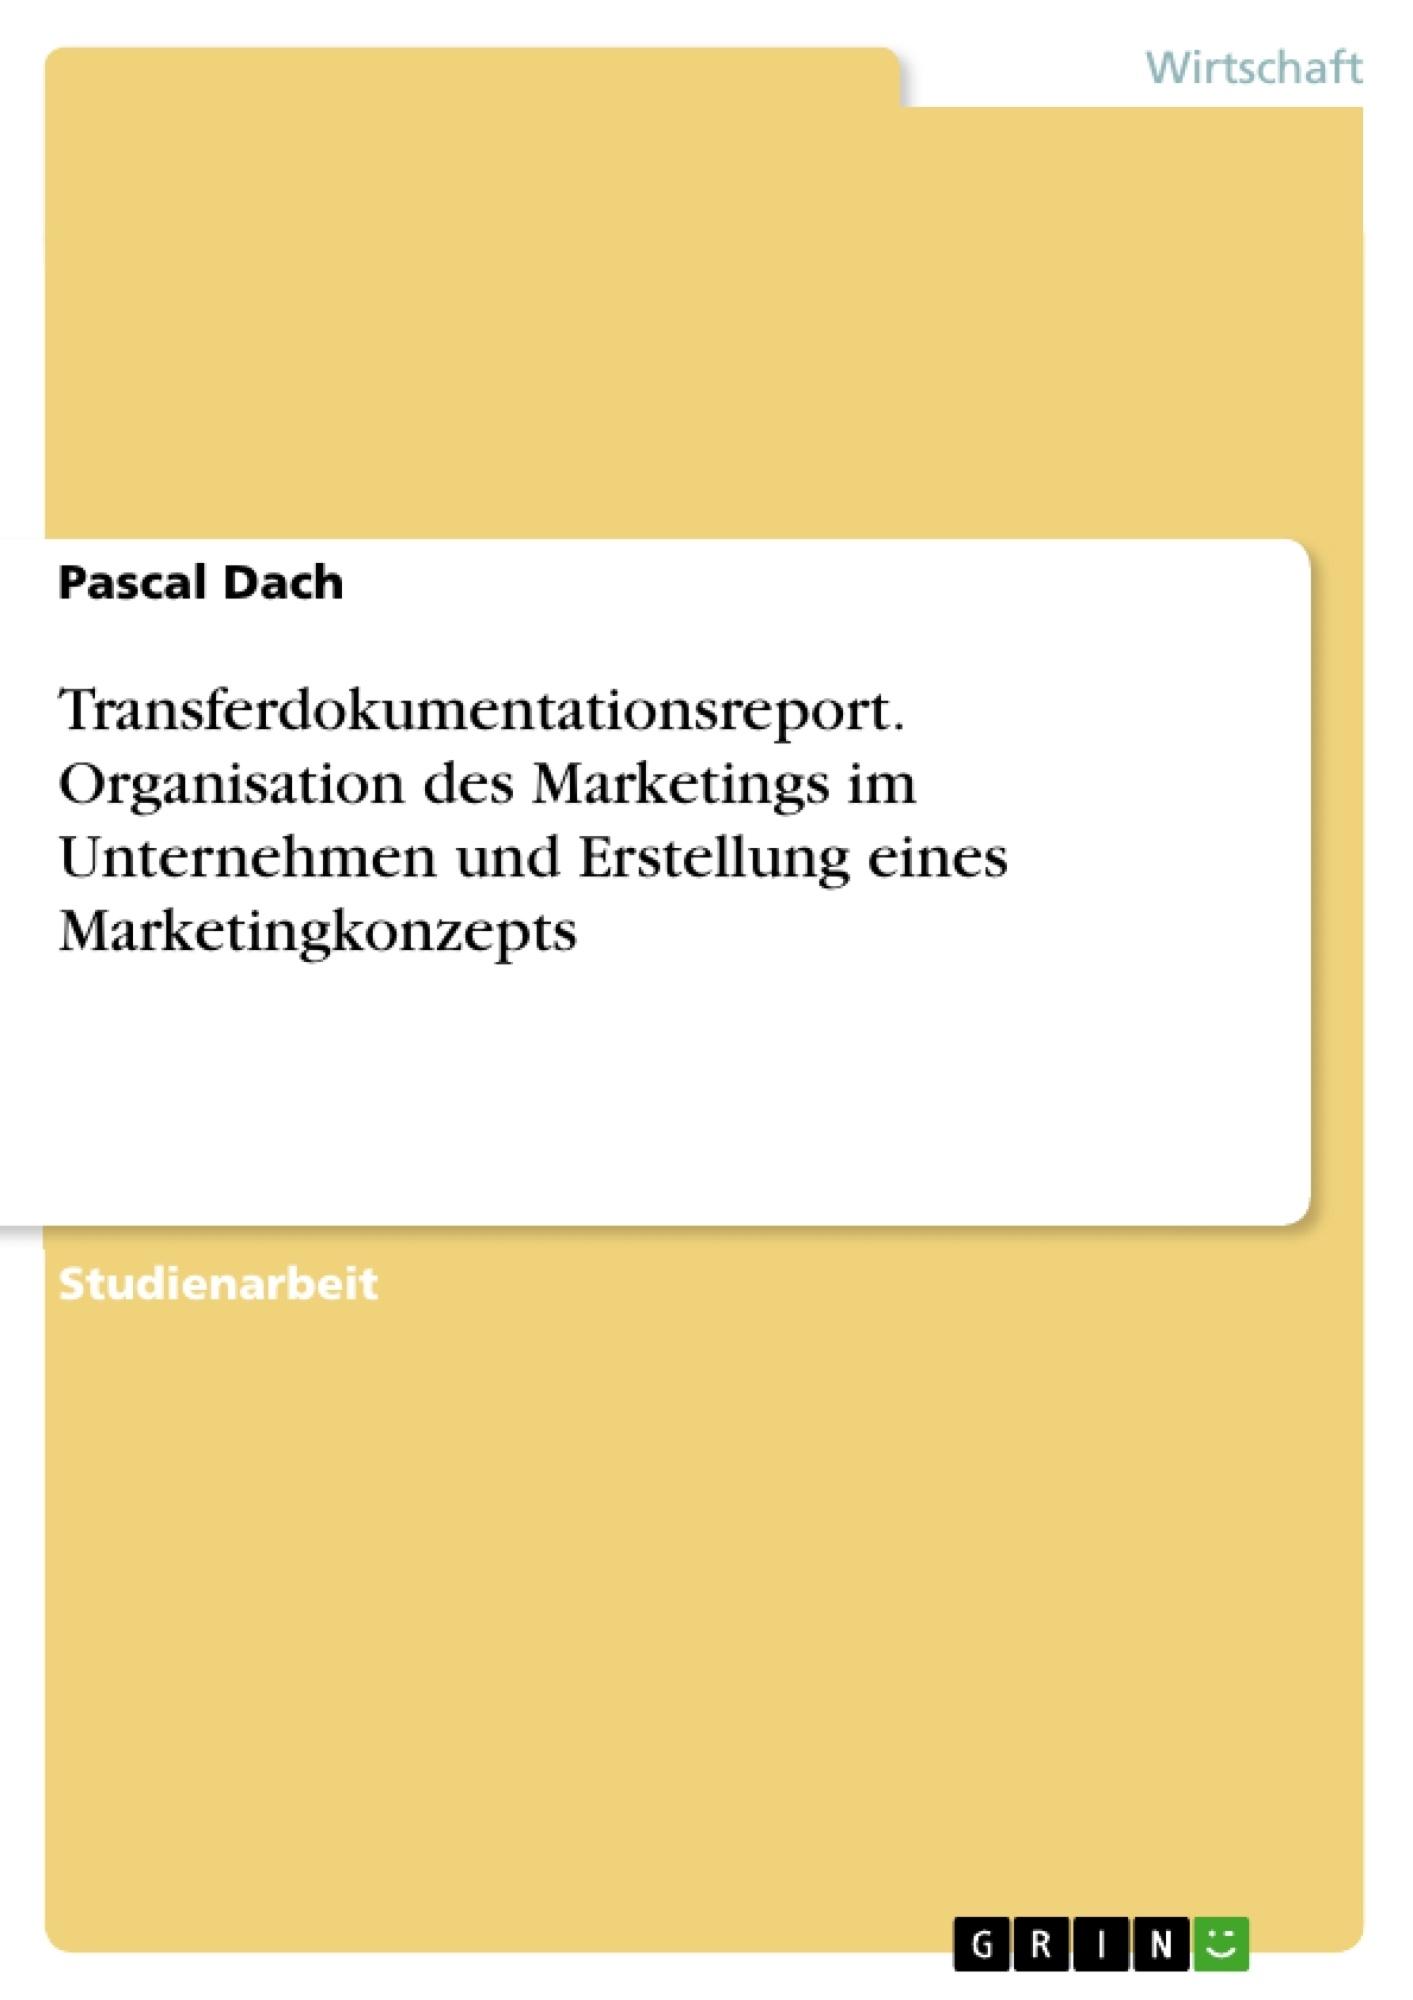 Titel: Transferdokumentationsreport. Organisation des Marketings im Unternehmen und Erstellung eines Marketingkonzepts